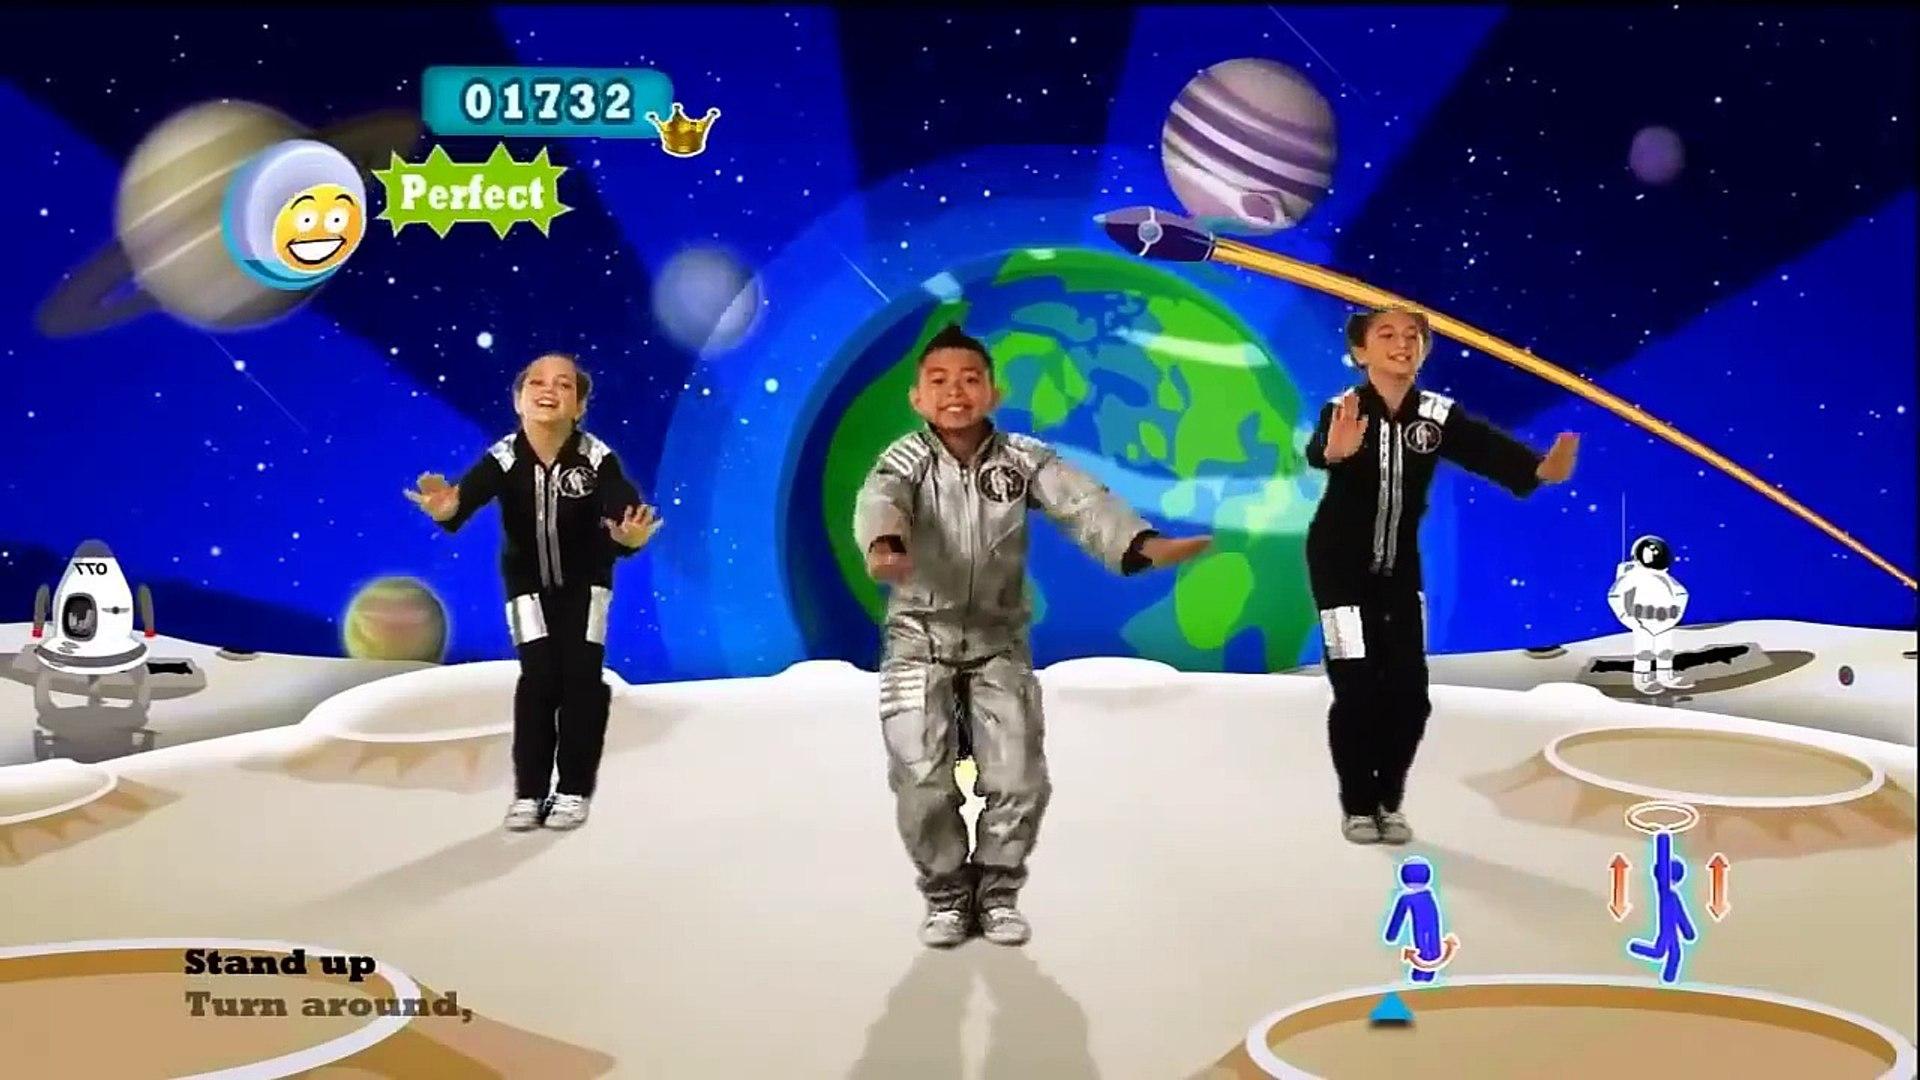 Just Dance Kids 2 Kids Music Video Jump Up! + Score